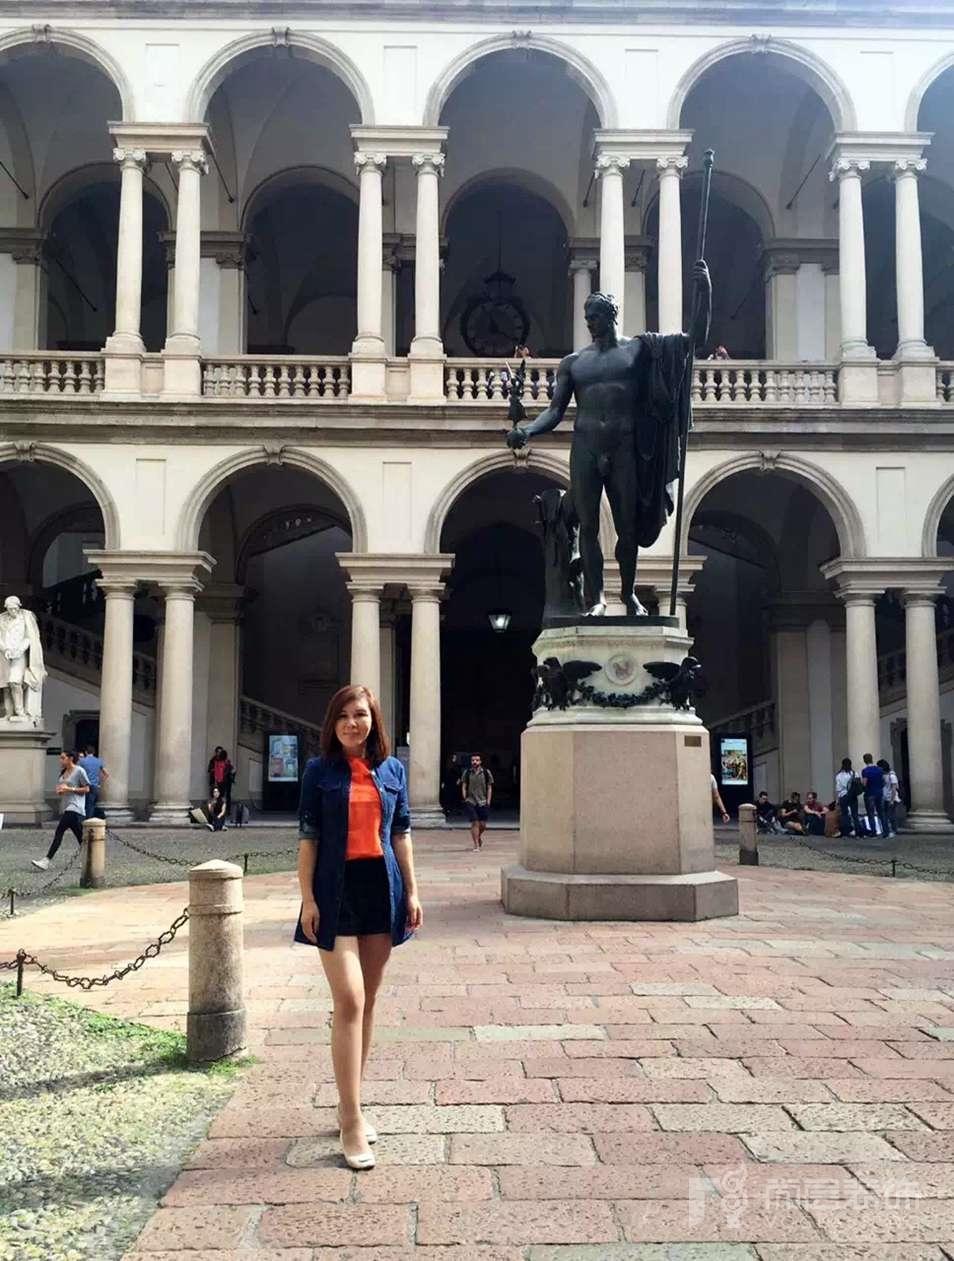 尚层徐海萍在布雷拉美术学院上课